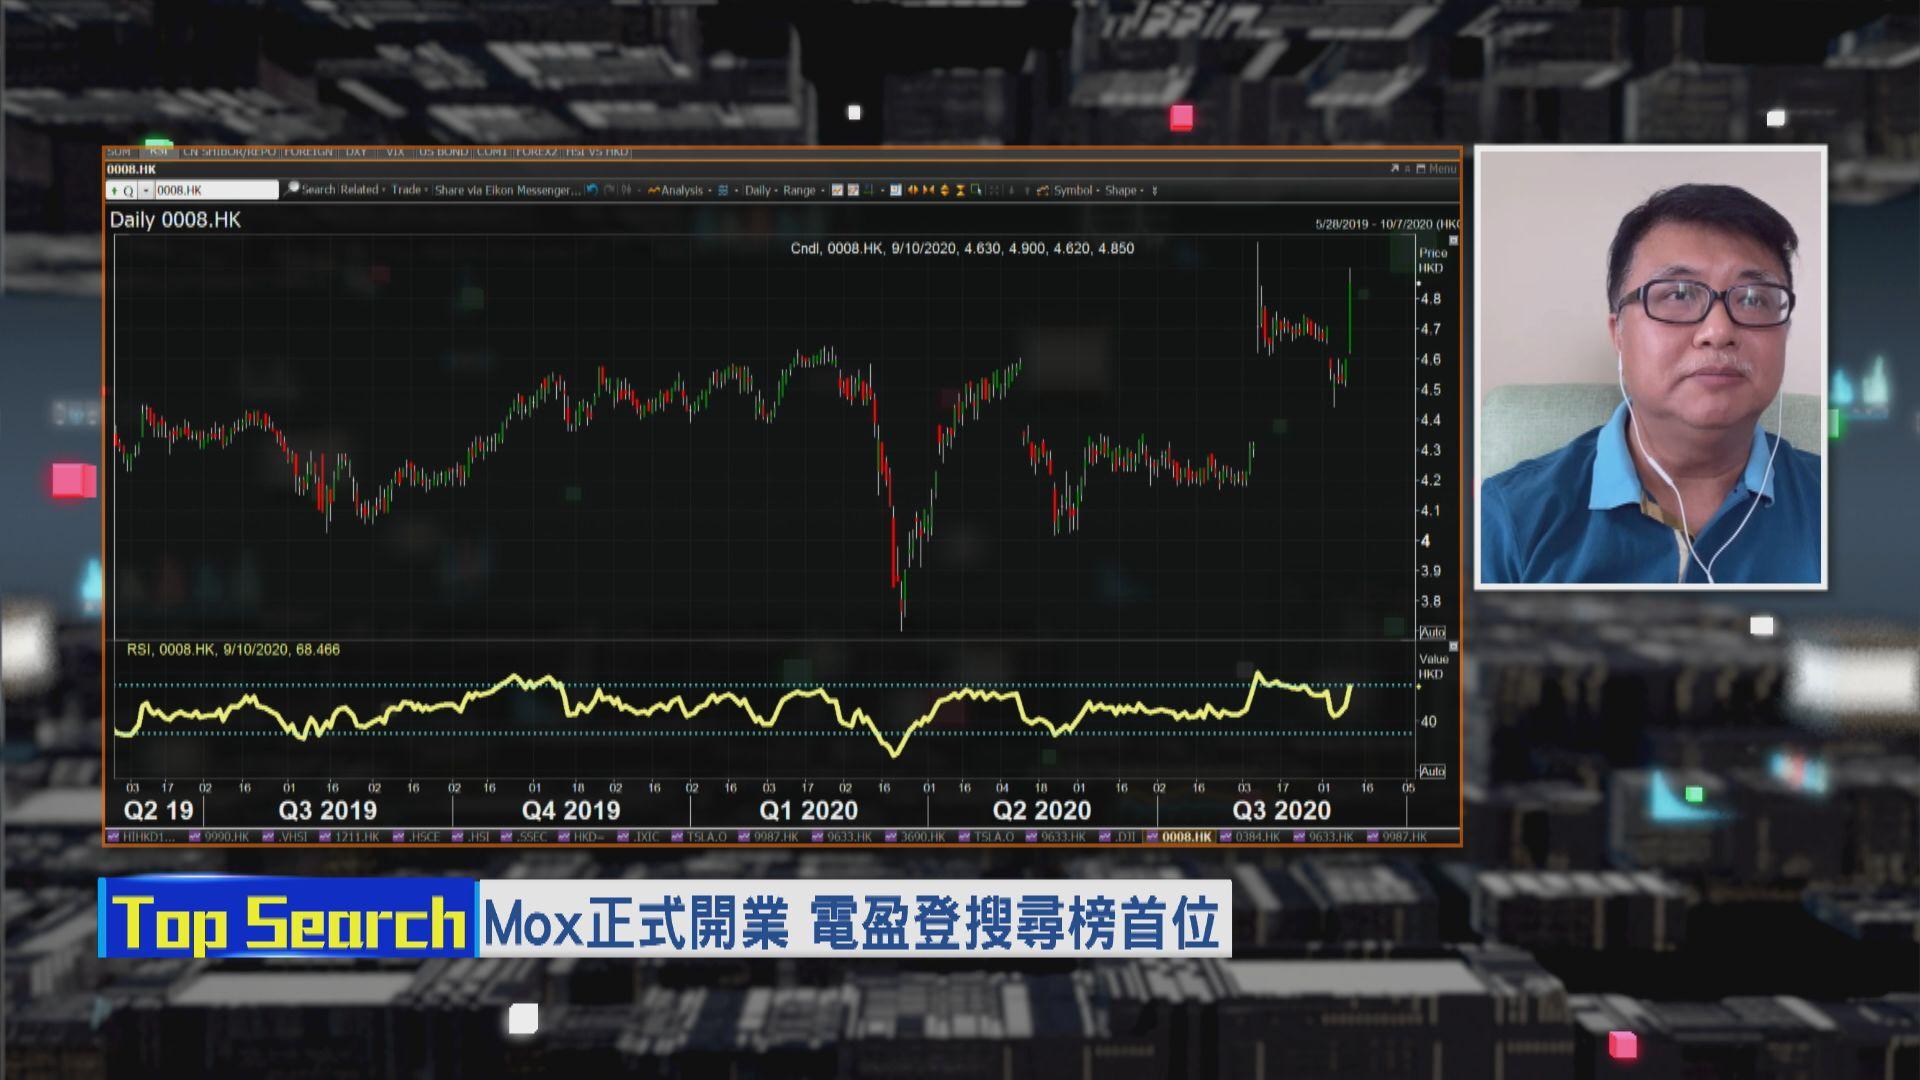 【財經TOP SEARCH】旗下虛擬銀行MOX開業 電盈股價揚